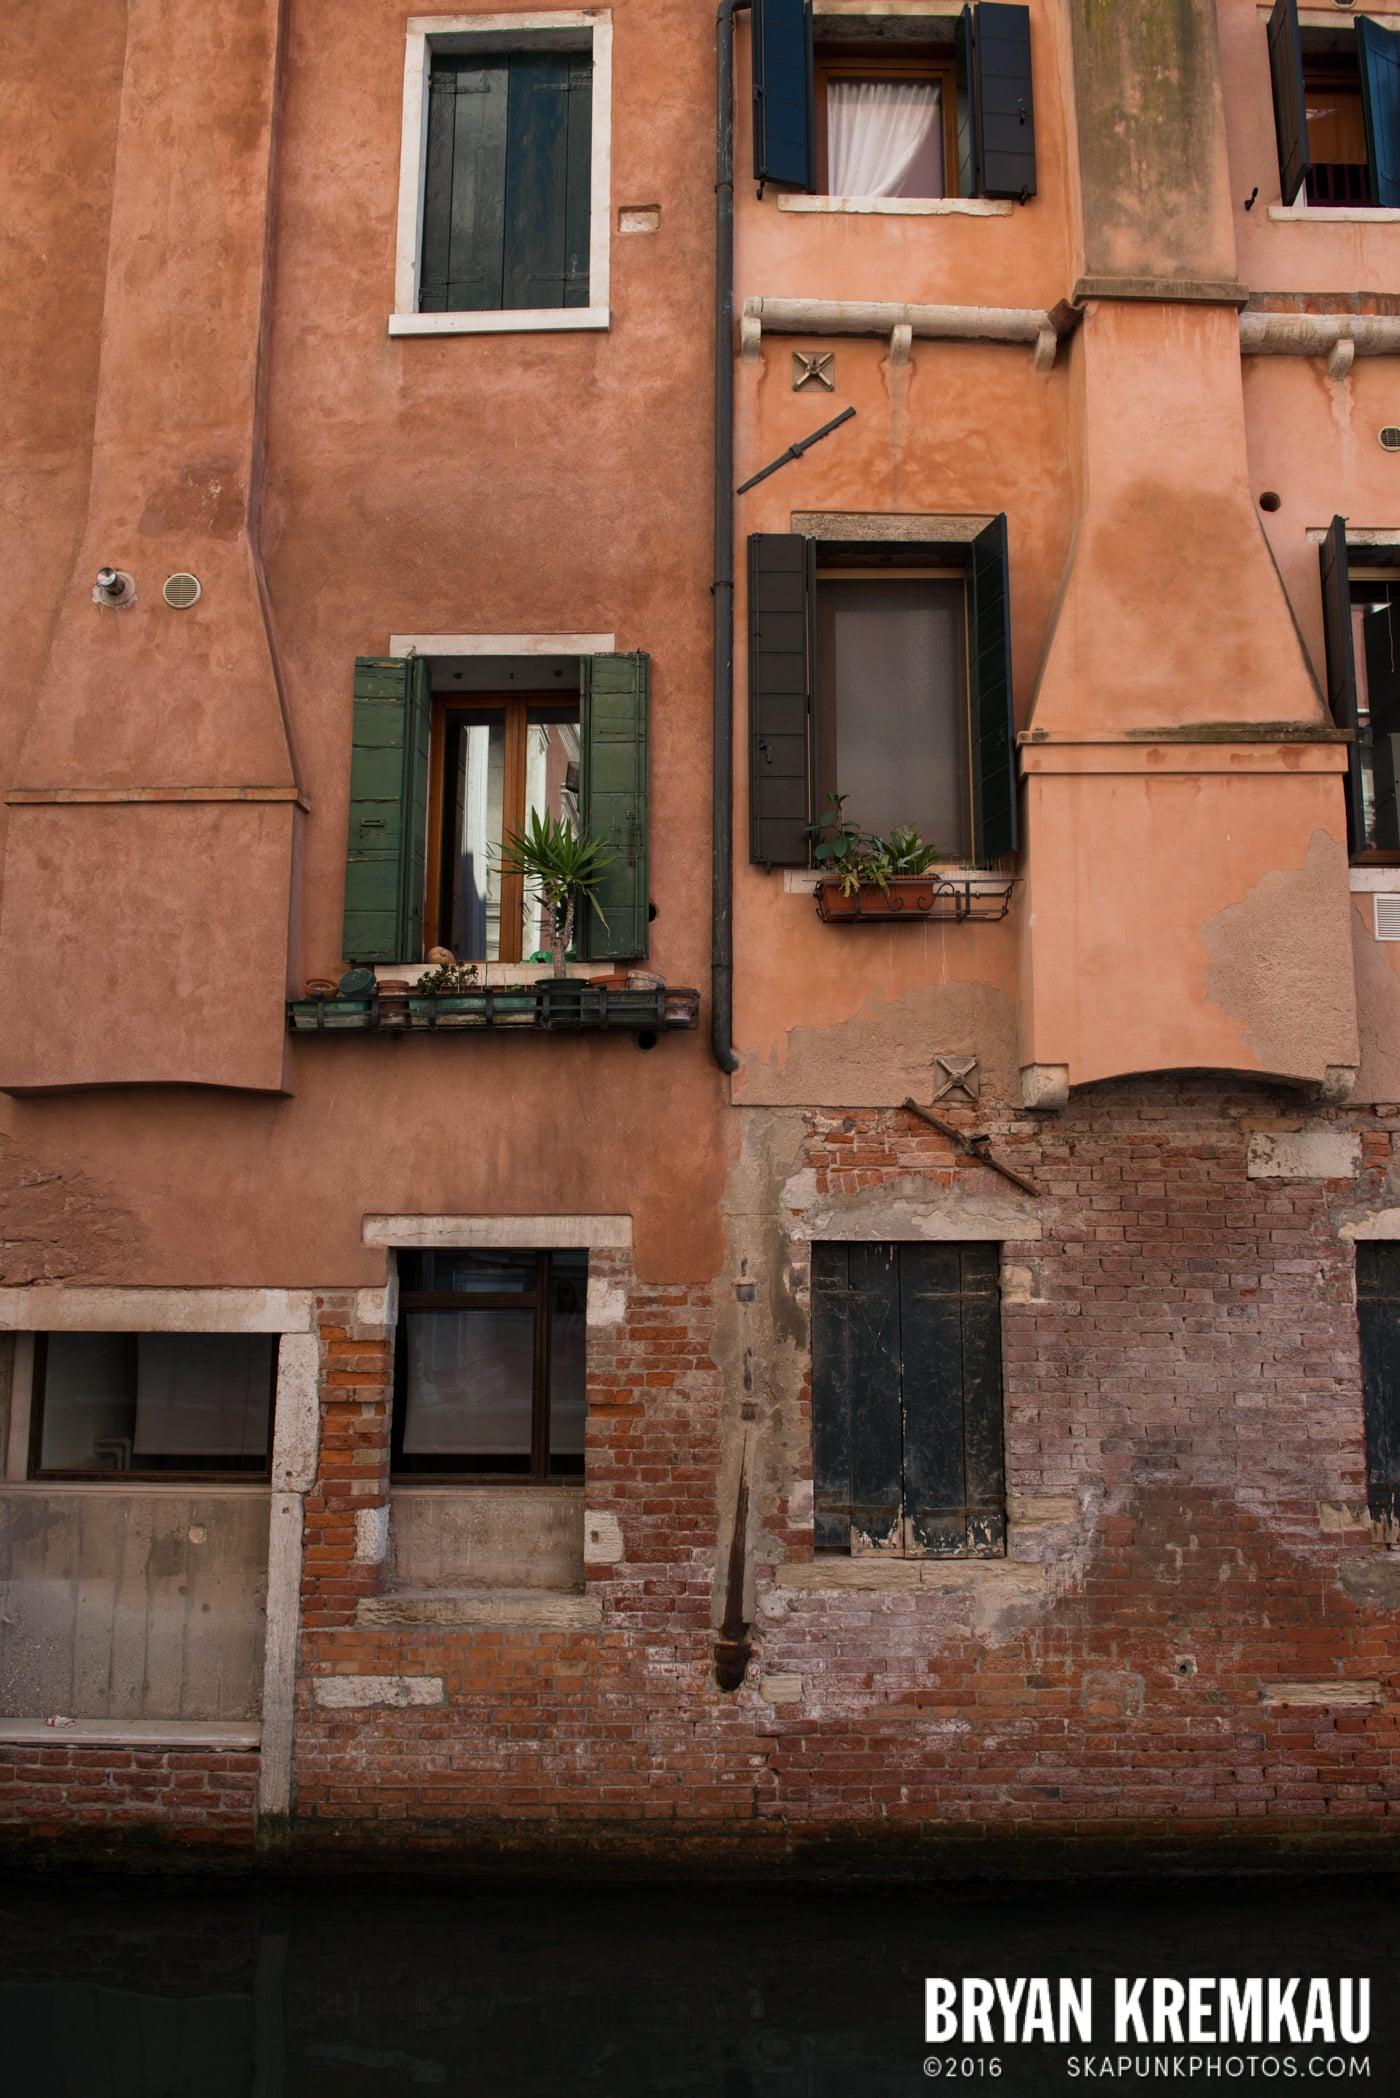 Italy Vacation - Day 4: Venice - 9.12.13 (32)